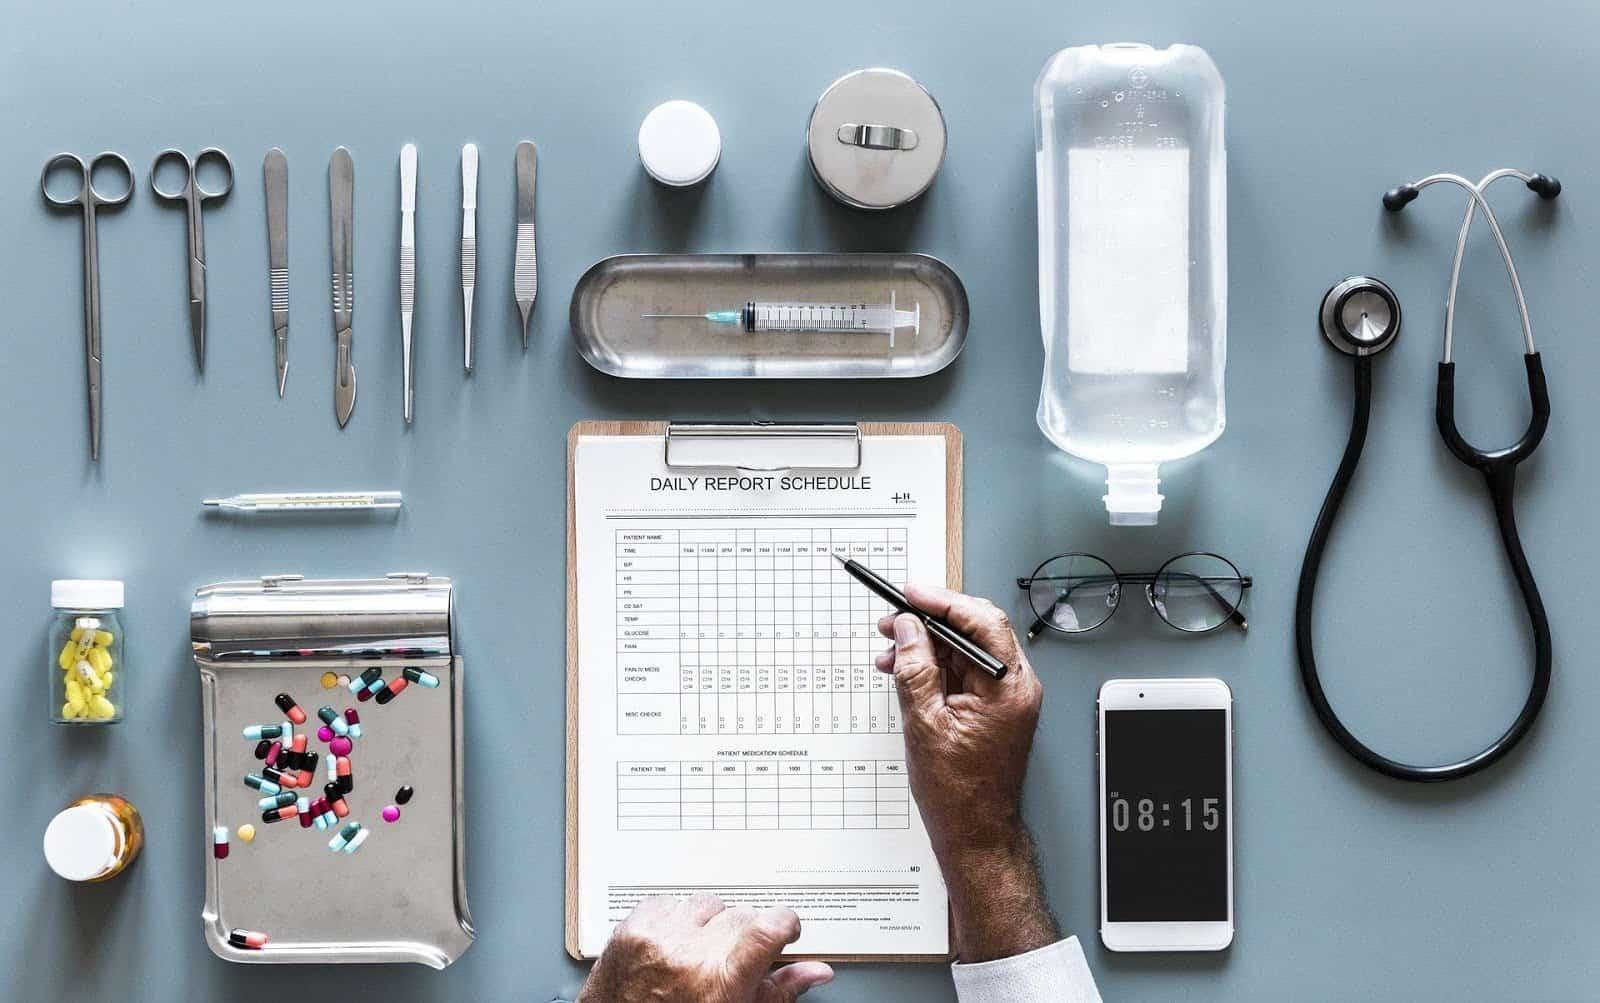 Appello per una nuova visione della medicina